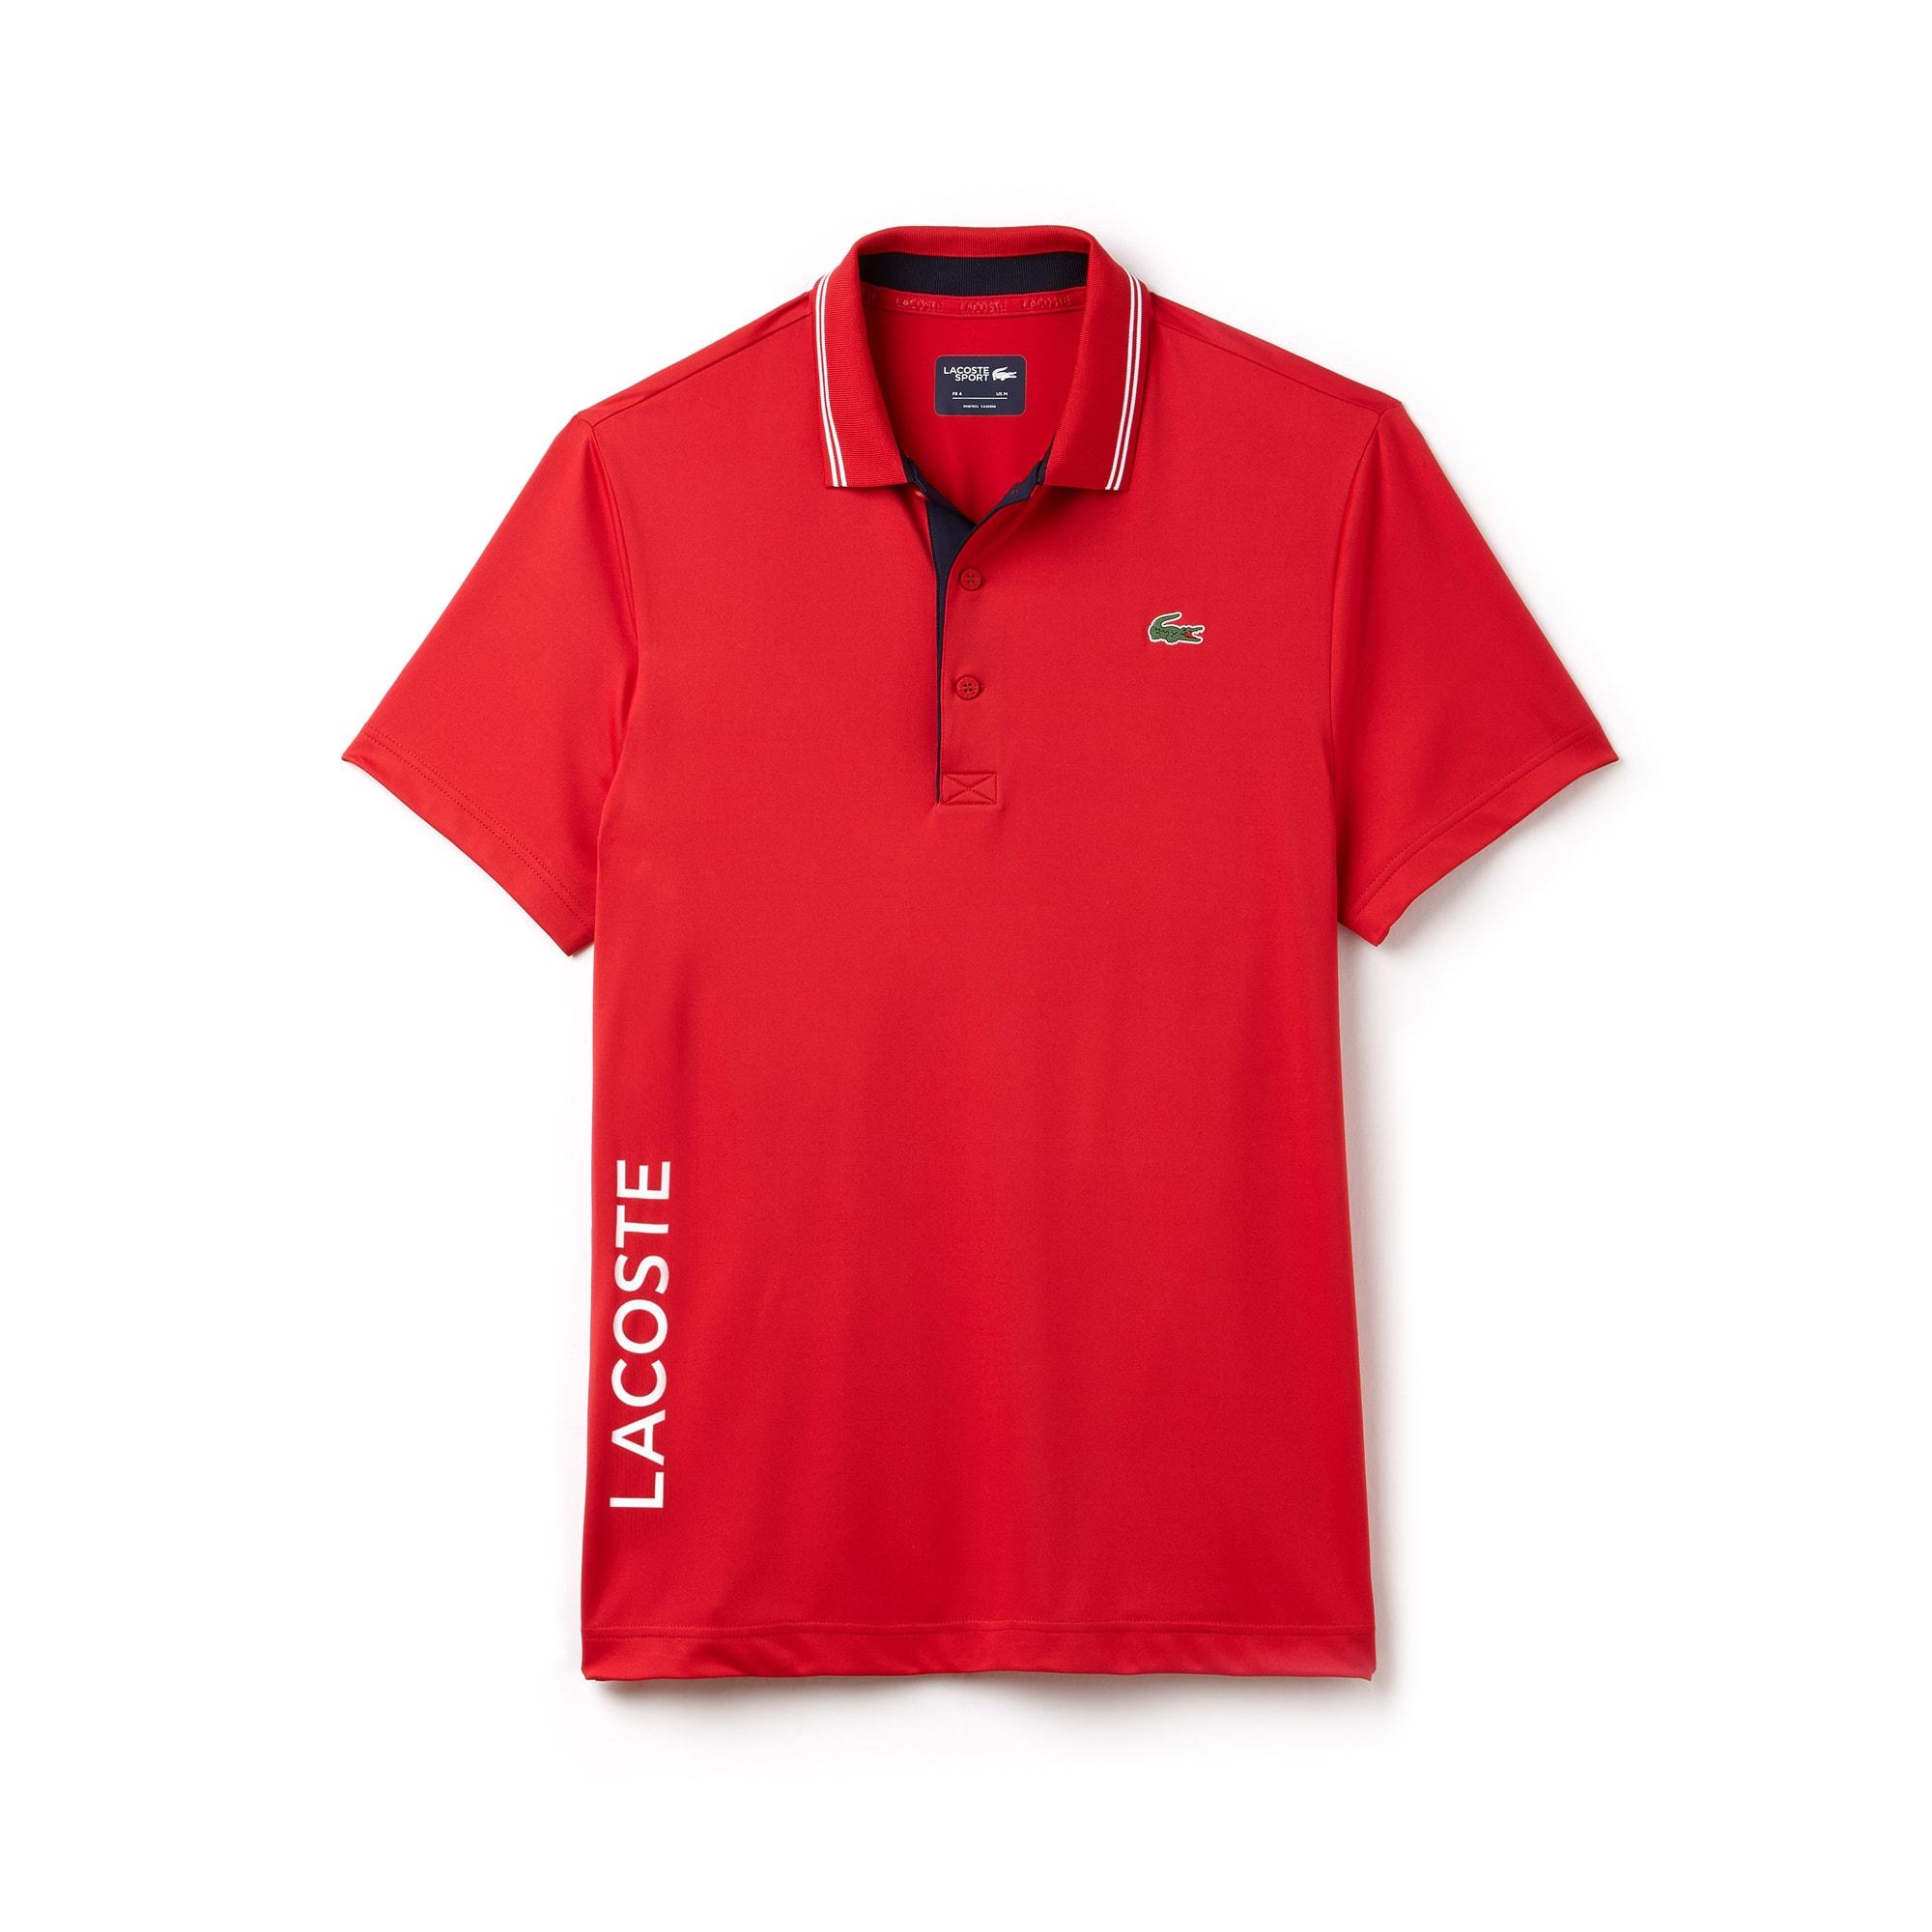 Herren LACOSTE SPORT Stretch Golf-Poloshirt mit Schriftzug